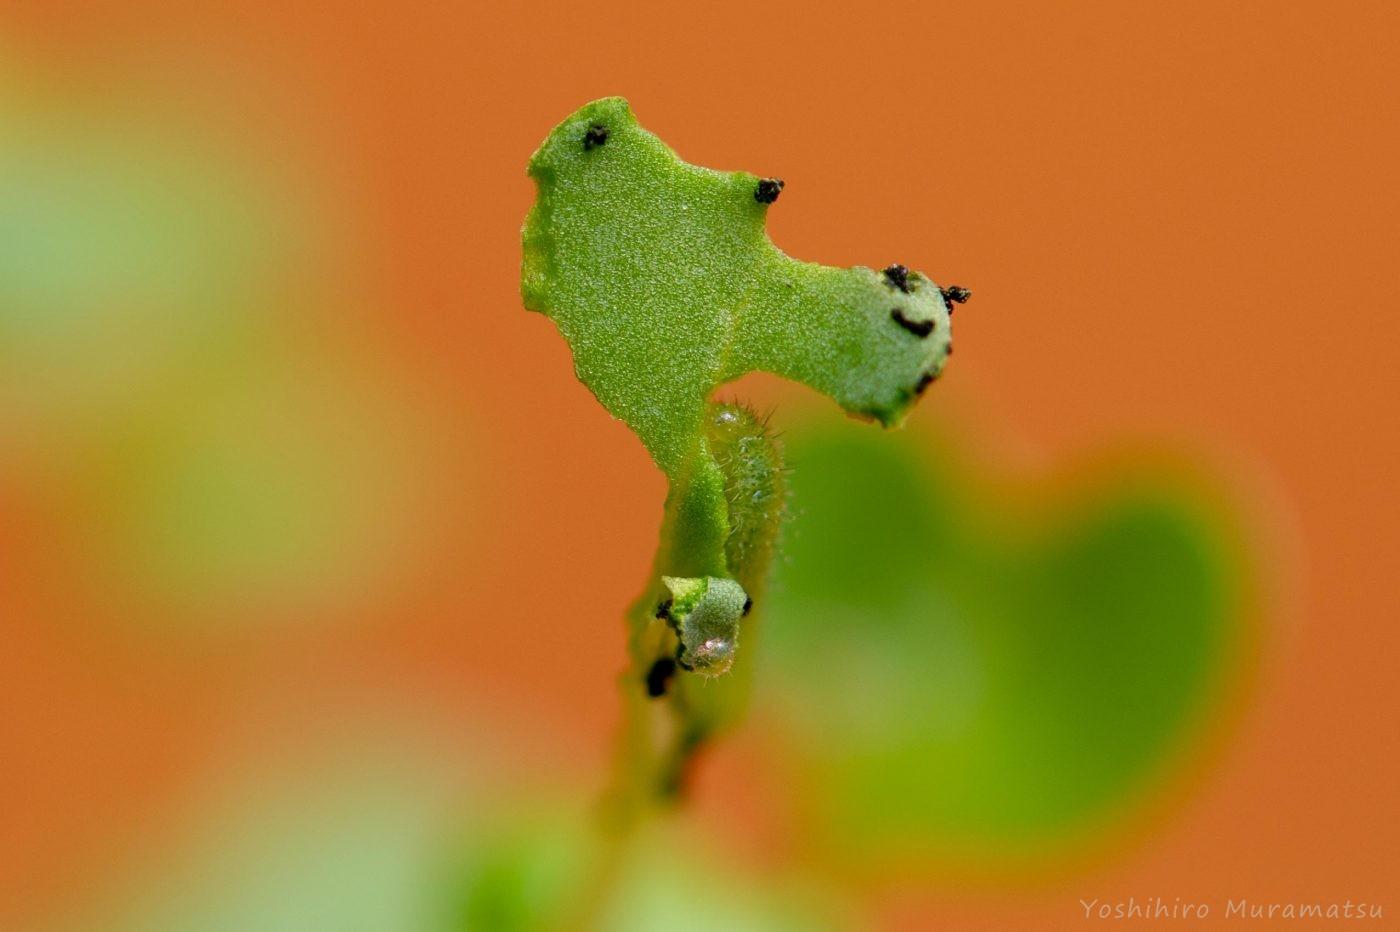 モンシロチョウの幼虫2齢